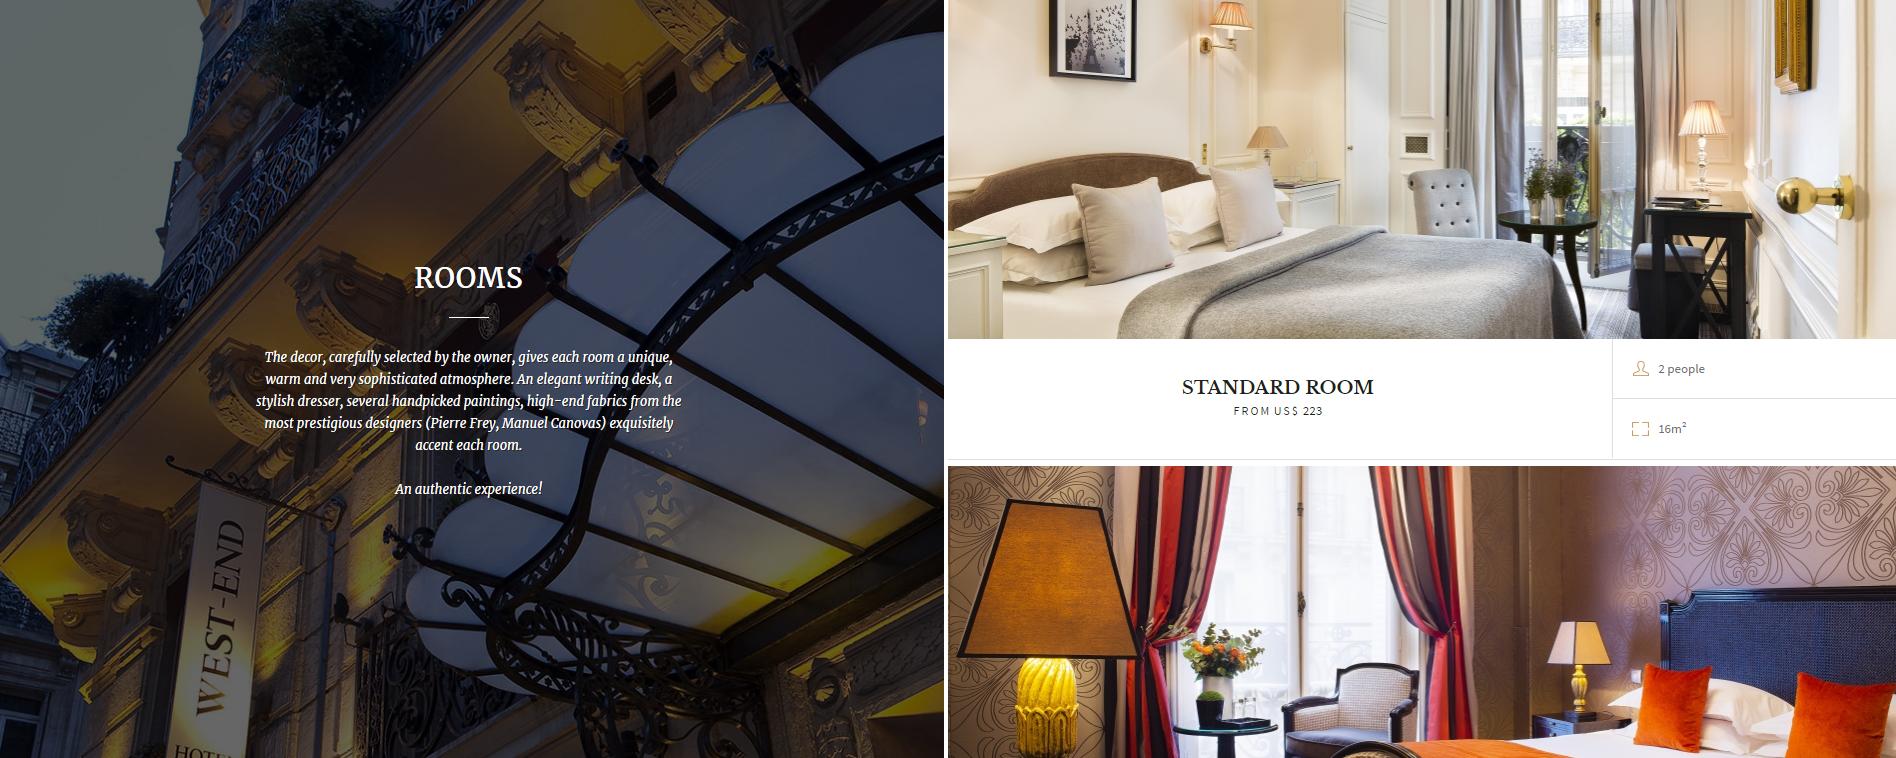 Galería de las habitaciones de la web del Hotel West End